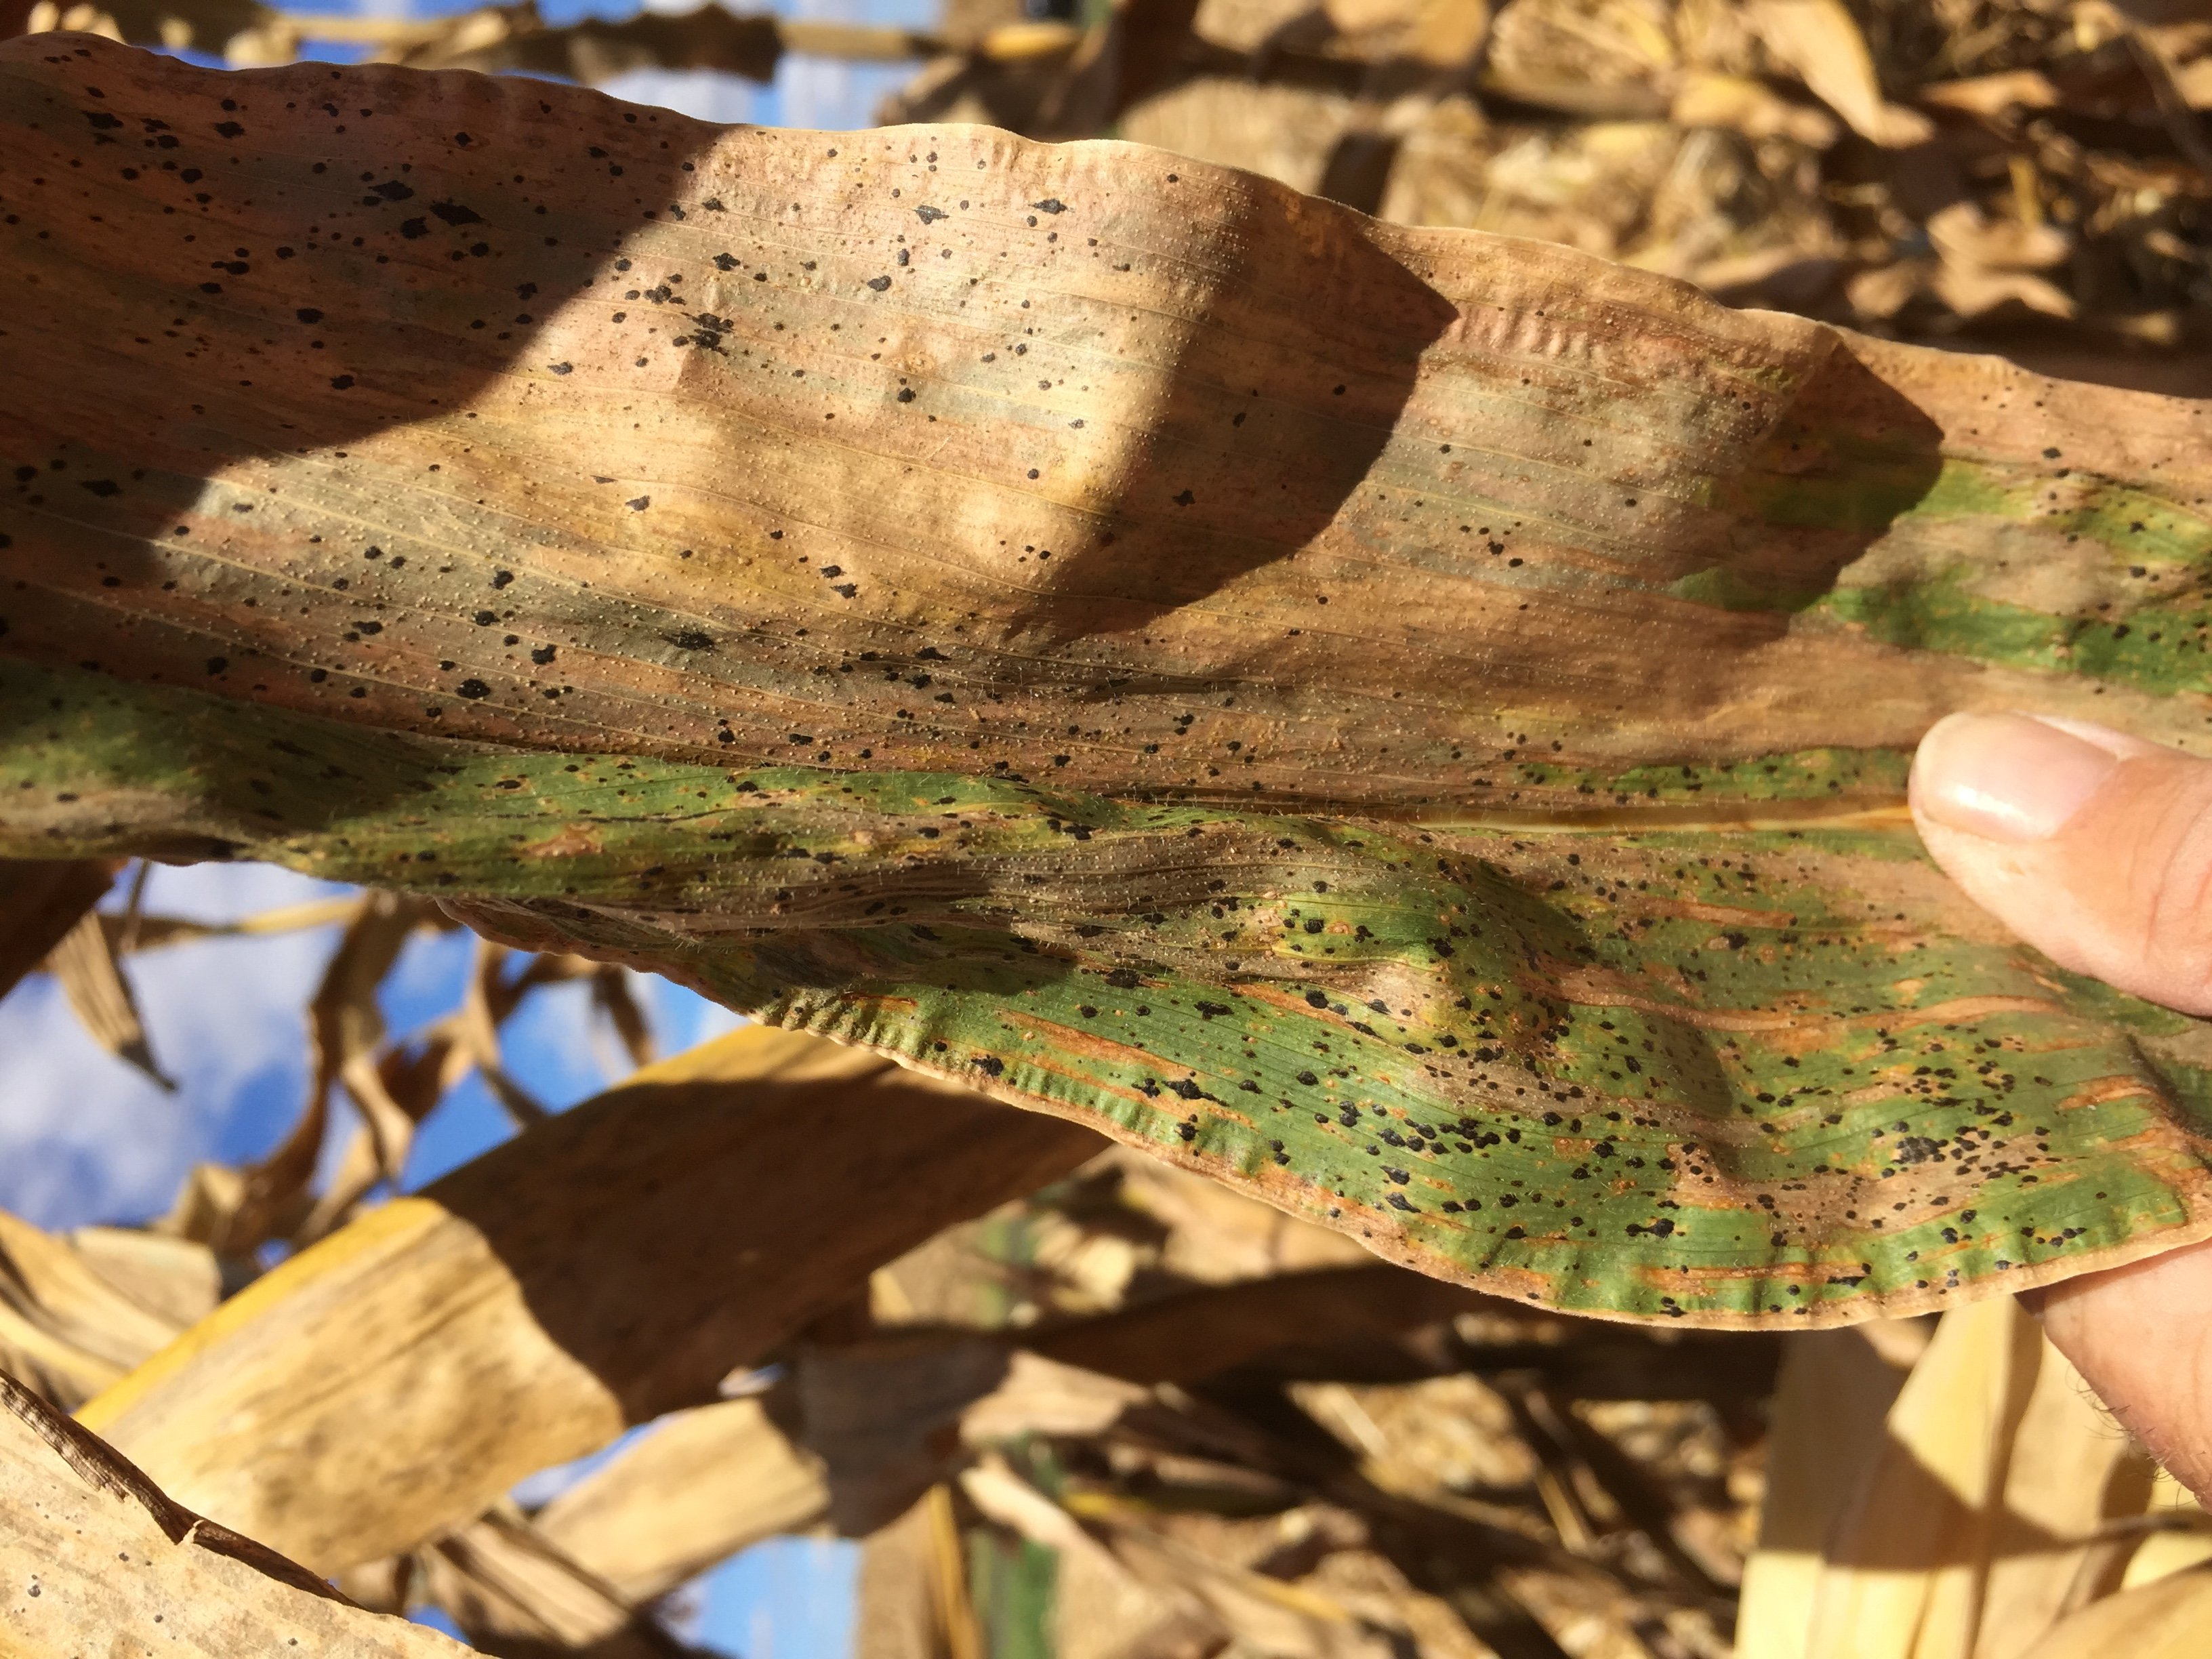 tar spot disease